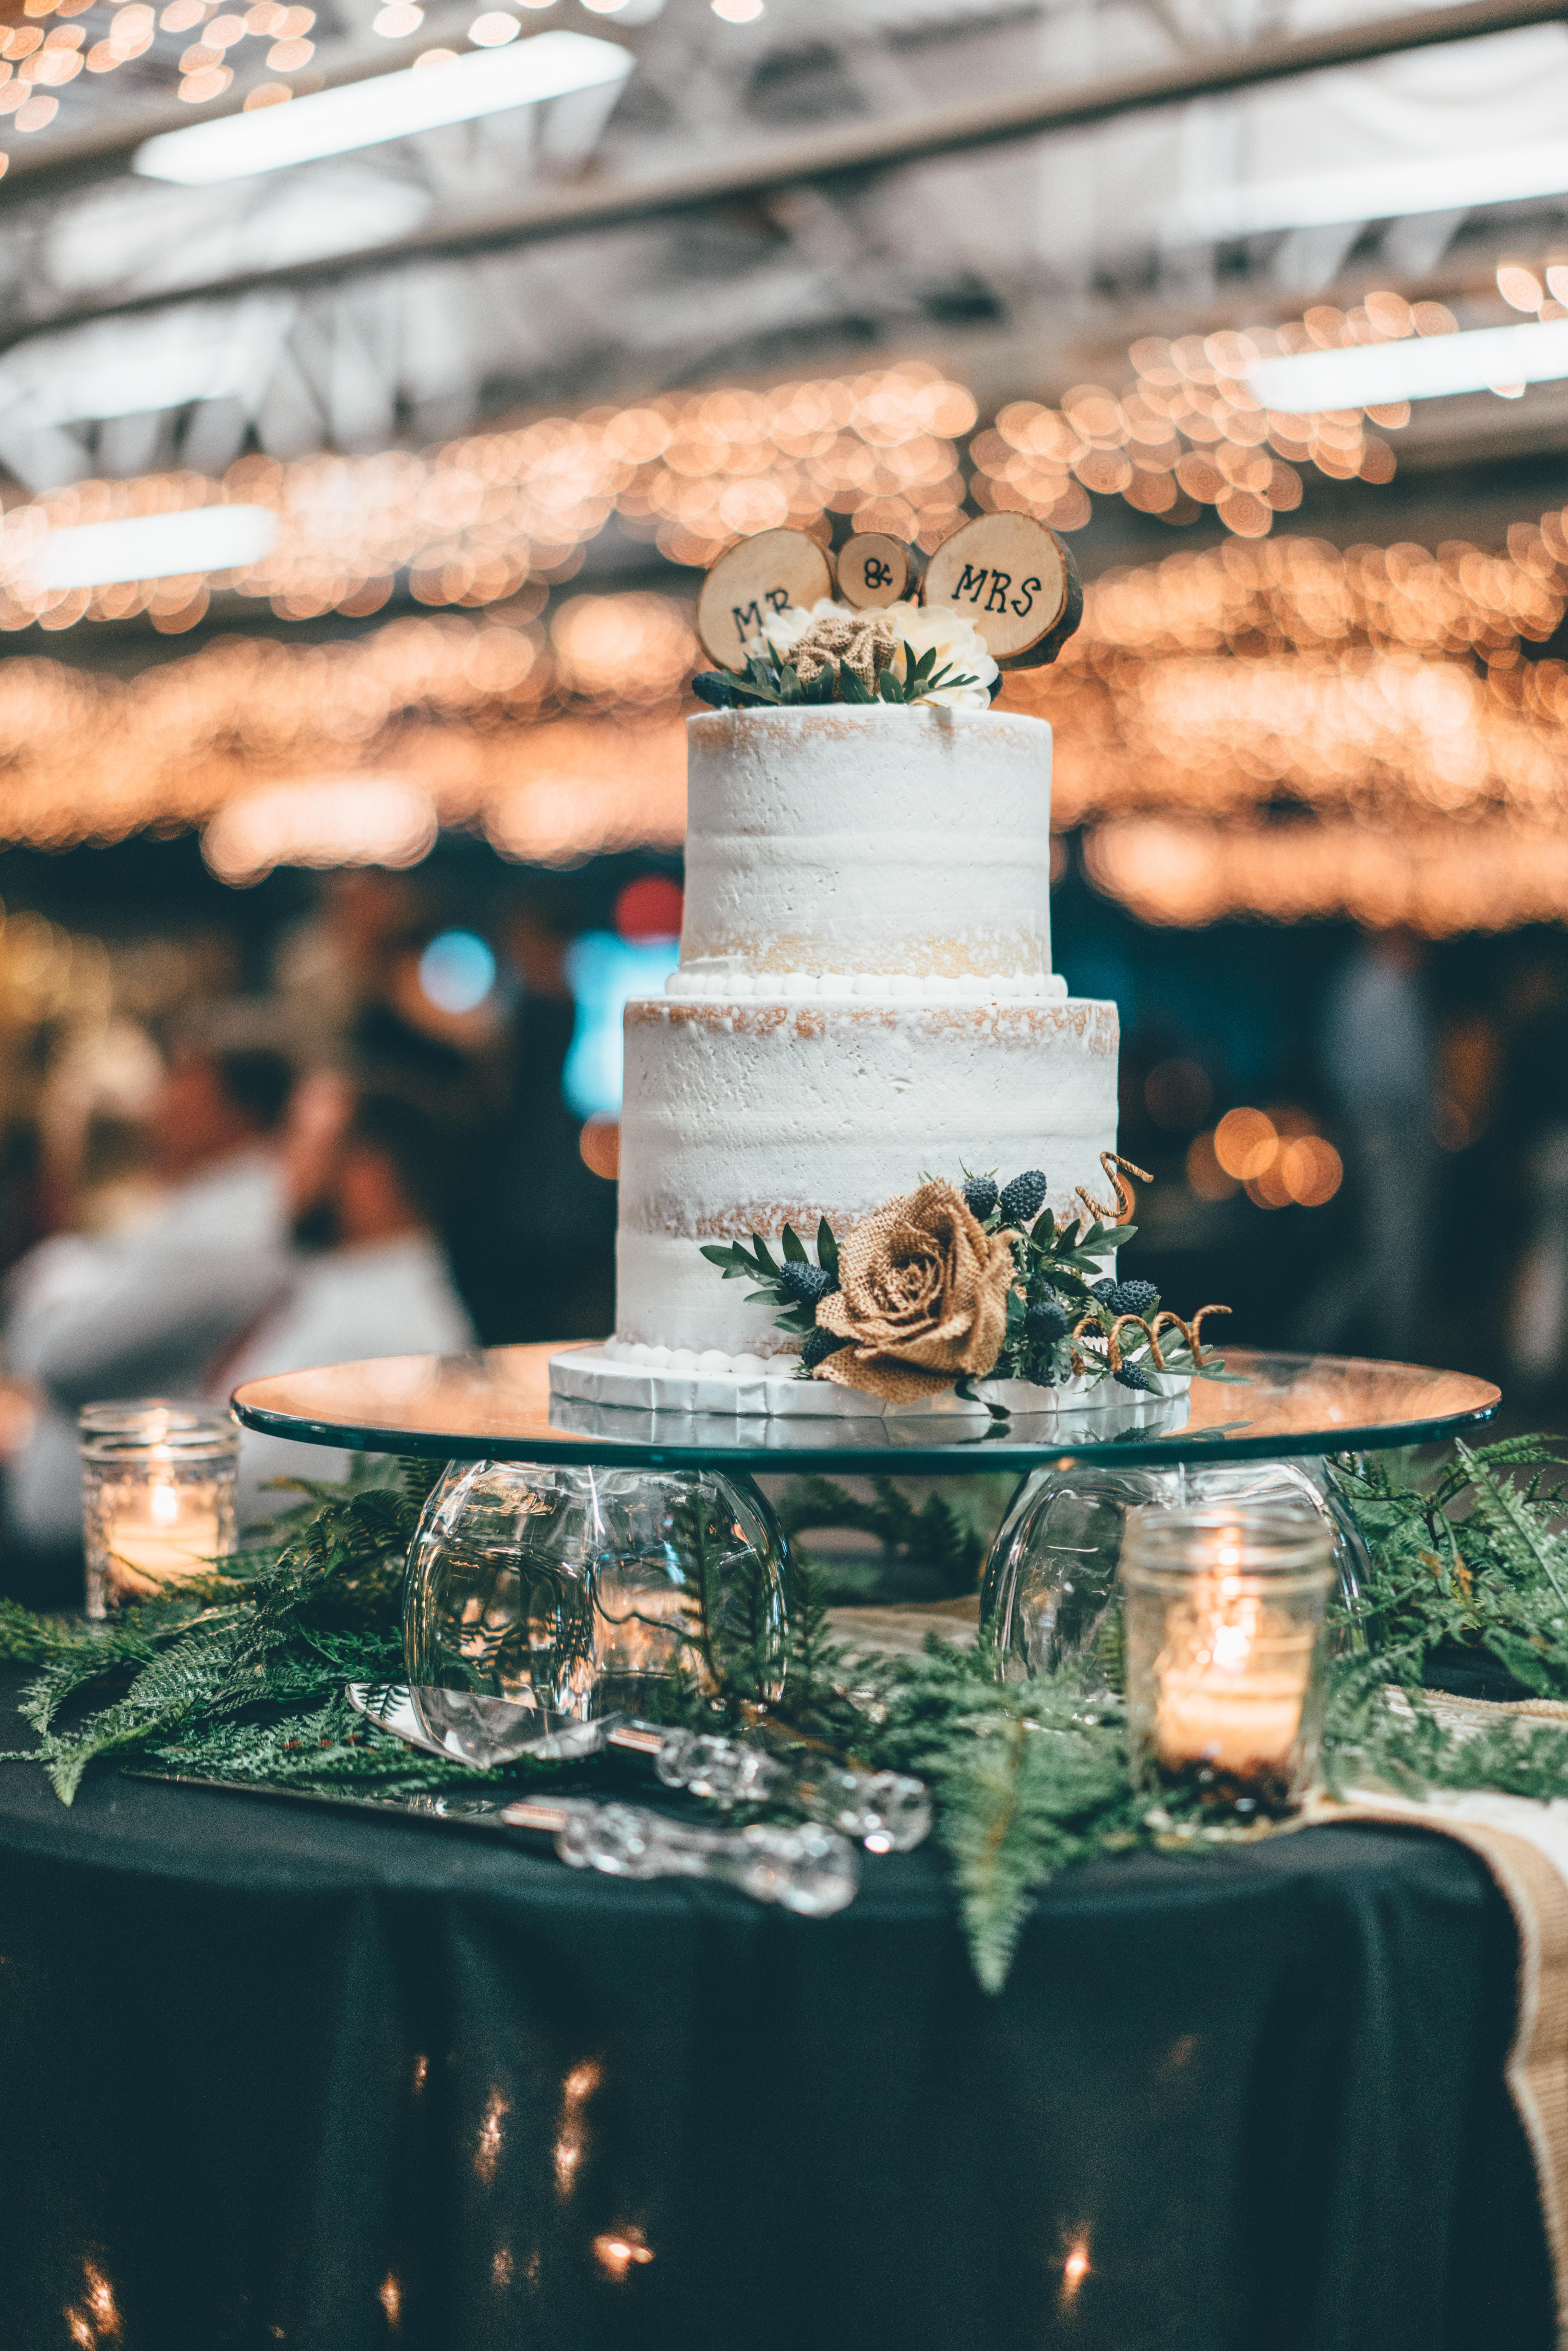 Wunderschöne Hochzeitstorte organisiert vom Wedding Planner Berlin, Lisa Müller, von Time for Wedding Hochzeitsplanung. Die Hochzeitsplanerin aus Leidenschaft!